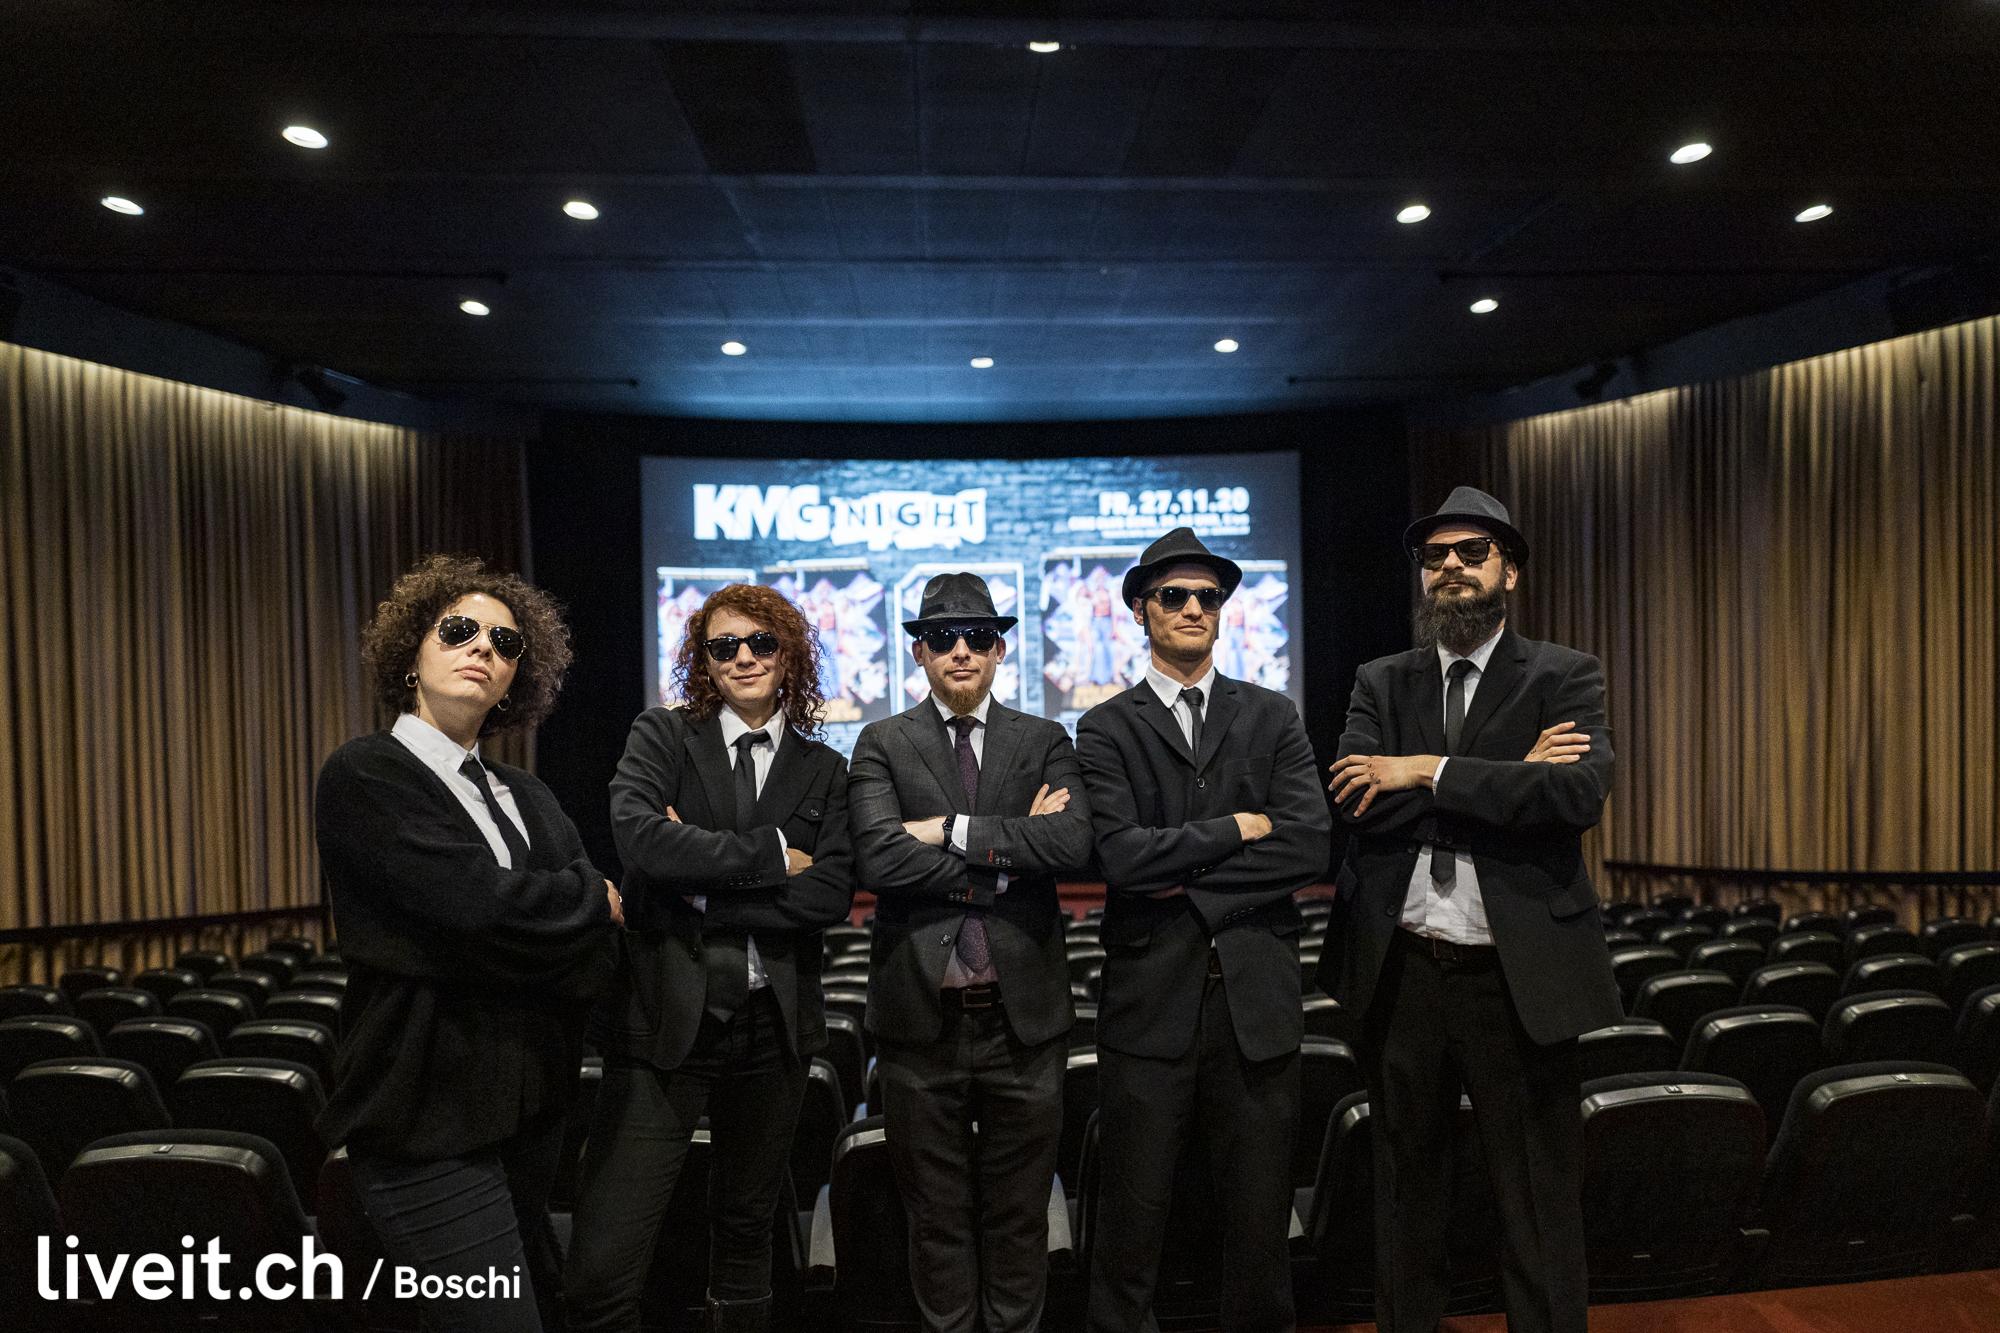 """Die KMG mit dem Kult-Film """"BluesBrothers""""(liveit.ch/boschi)"""